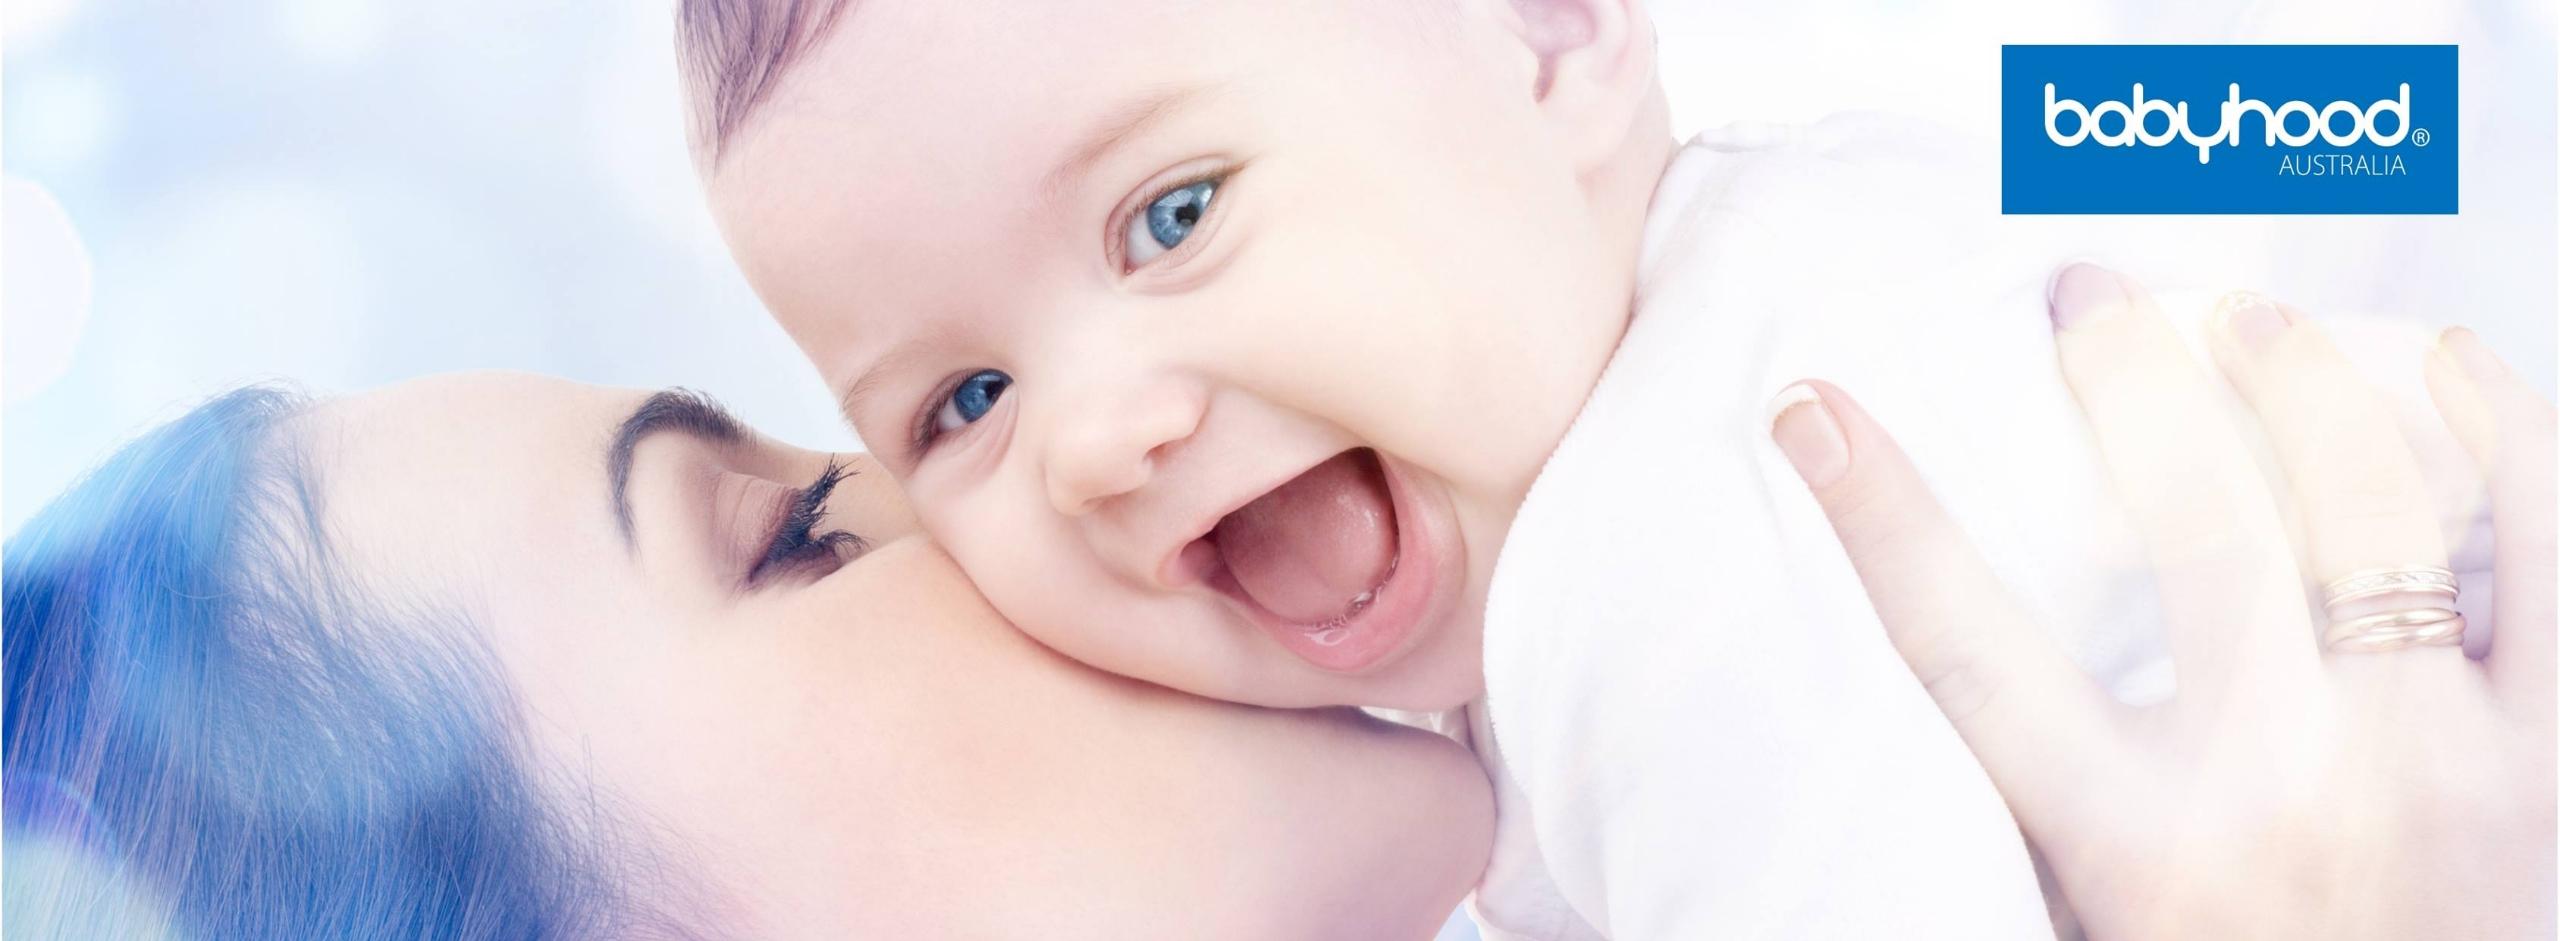 babyhood (@babyhoodaustralia) Cover Image